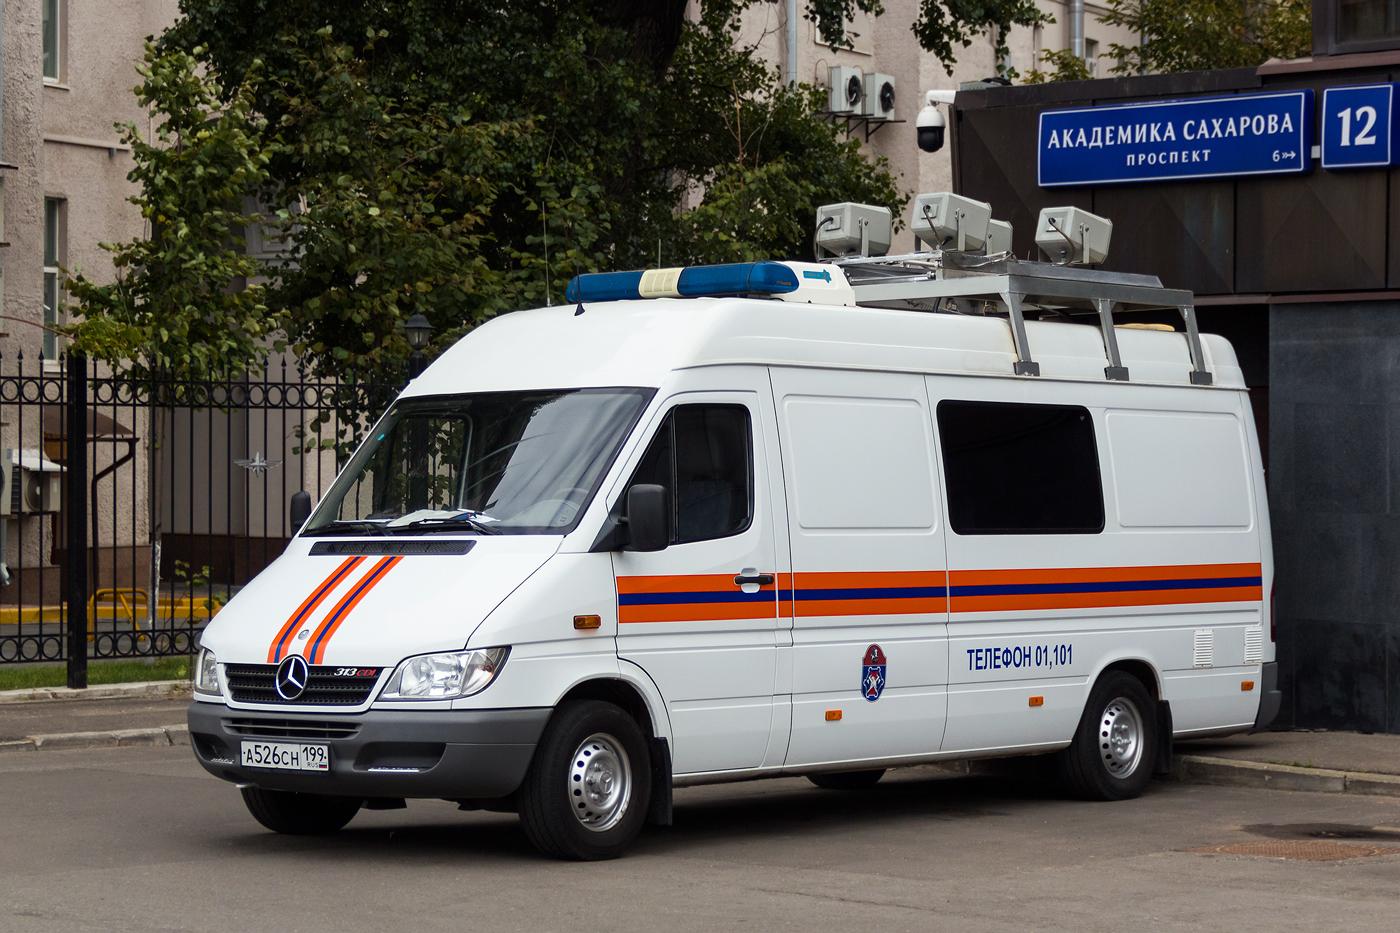 Мобильный комплекс оповещения населения МКОН (29792В) #А526СН199. Москва, проспект Академика Сахарова